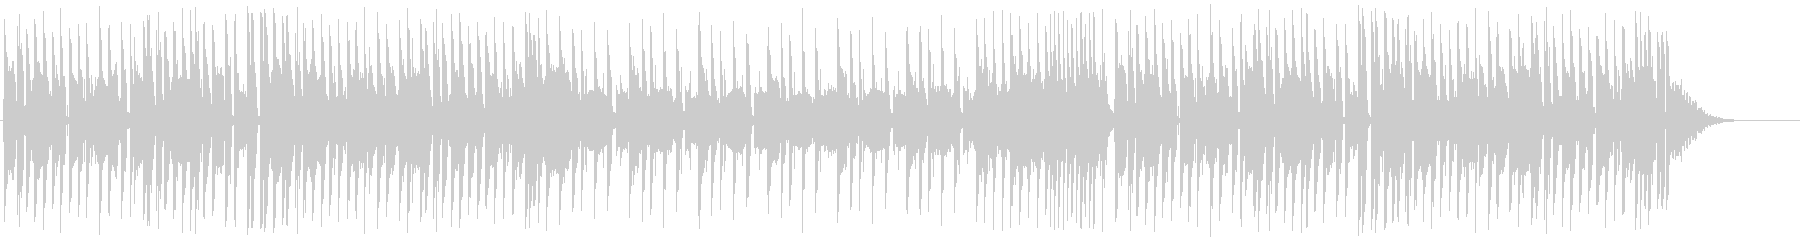 ギターリフが印象的なFutureBassの未再生の波形